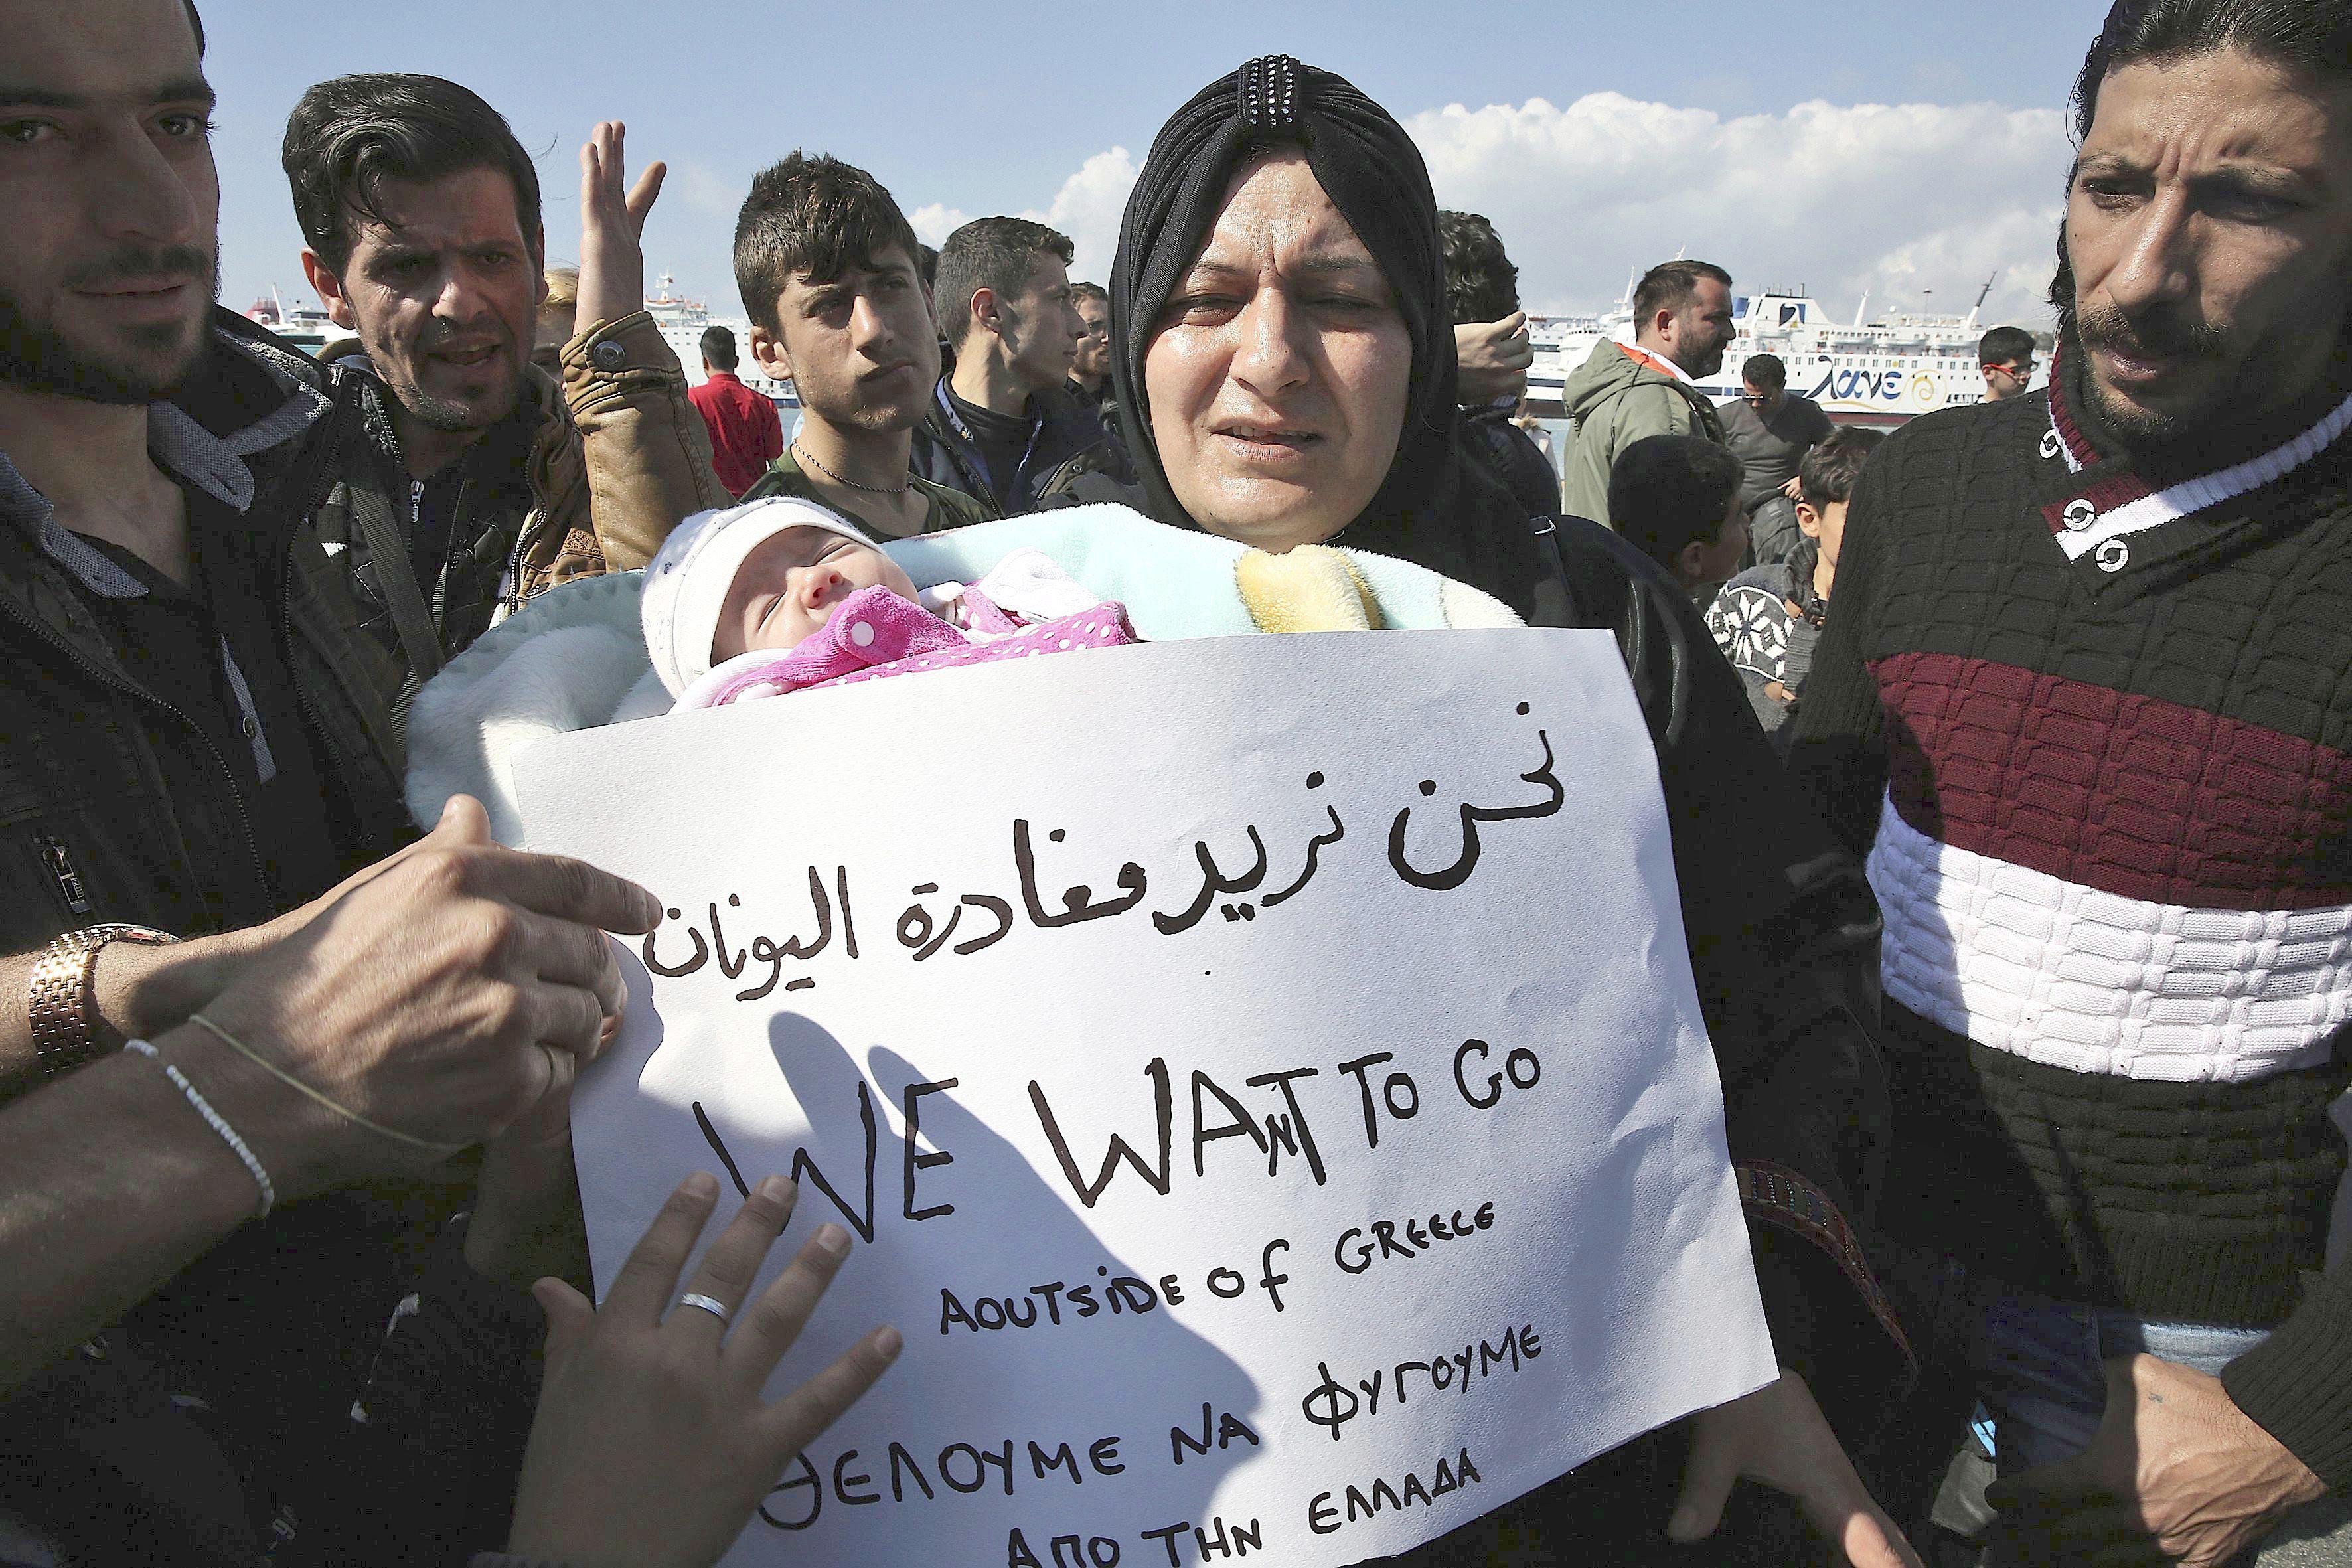 Situation de réfugiés syriens en Grèce, à Athènes, Photo TELAM